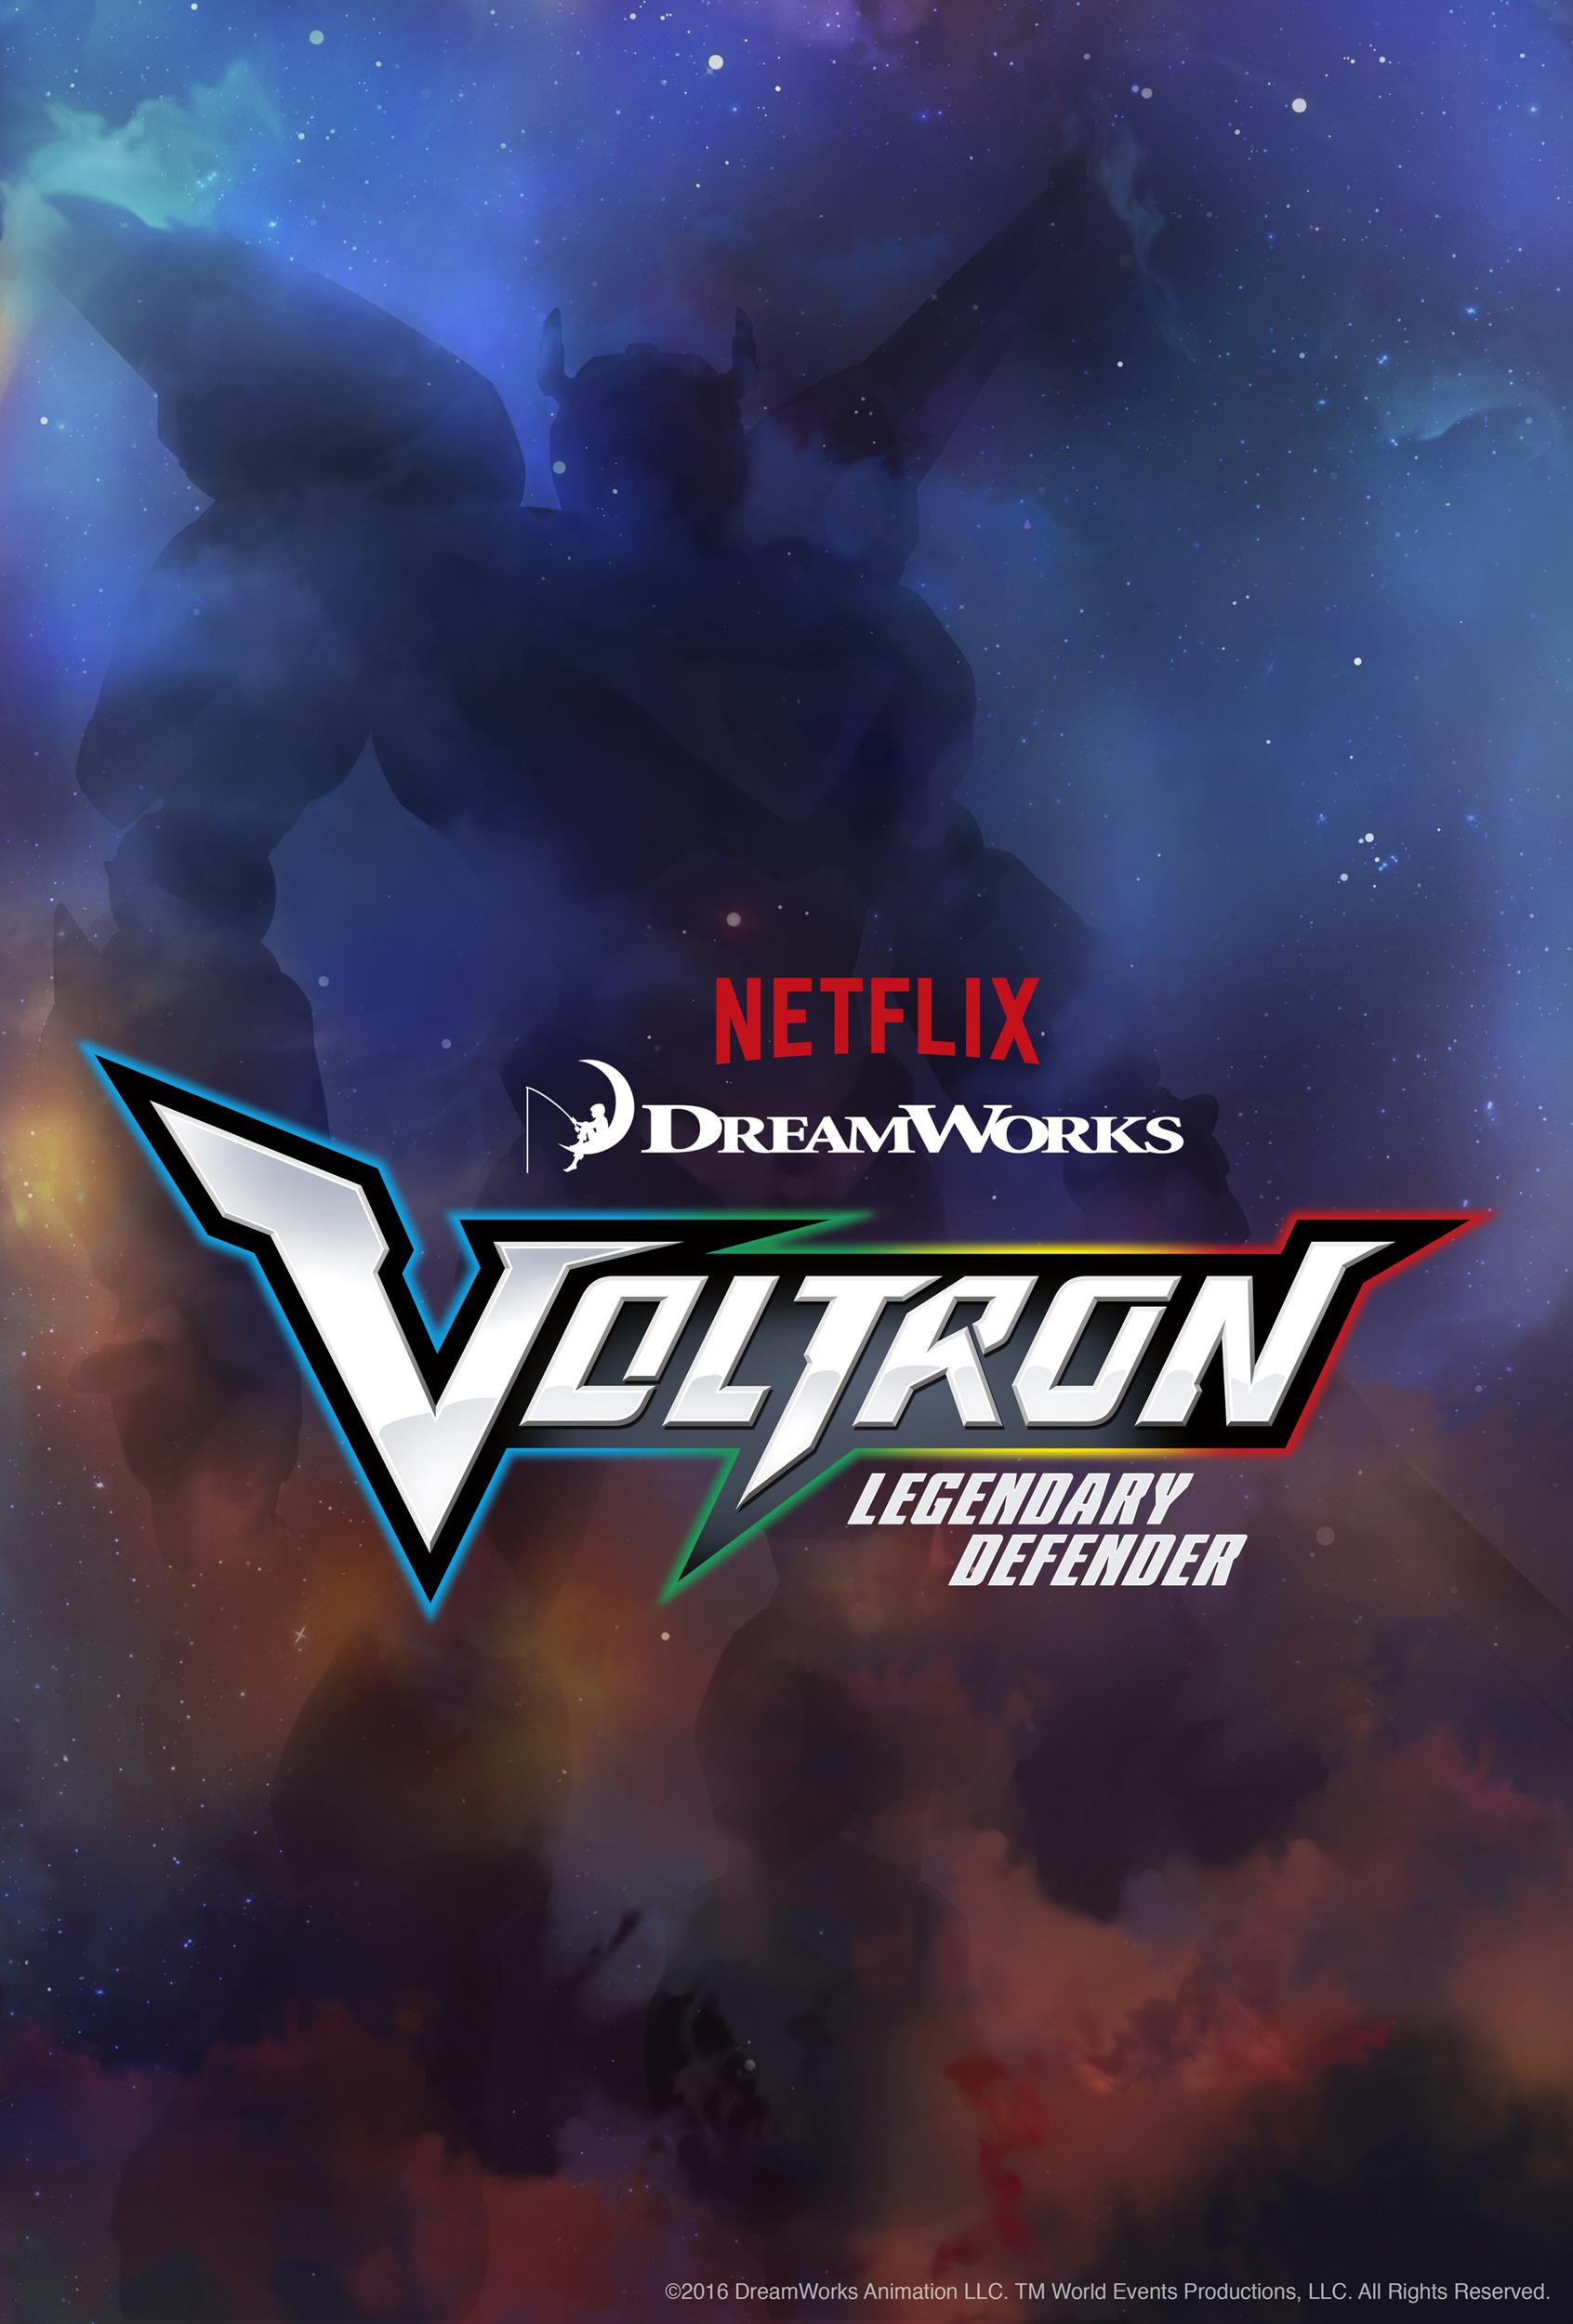 voltron-teaser-1.jpg